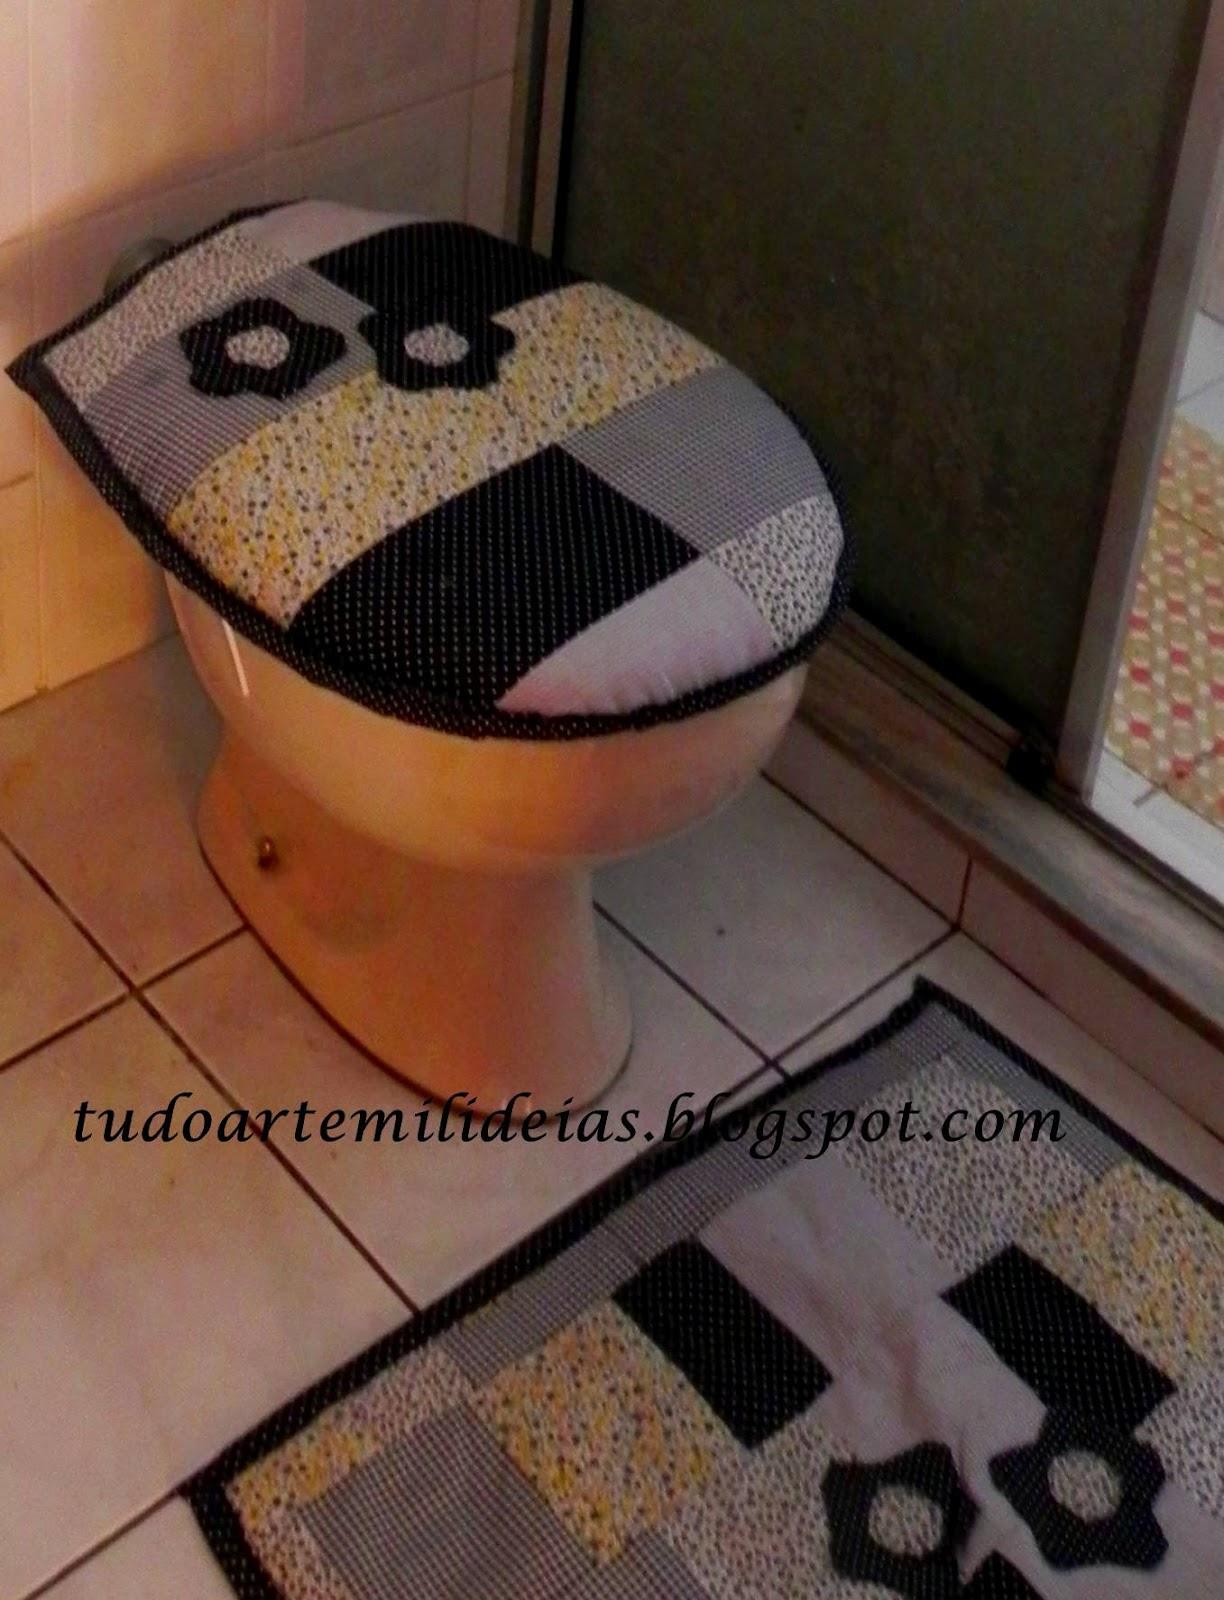 Imagens de #9B6030 artesanato jardim da vovo:Meu banheiro ficou mais feliz e eu também! 1224x1600 px 3396 Bloco Cad De Banheiro